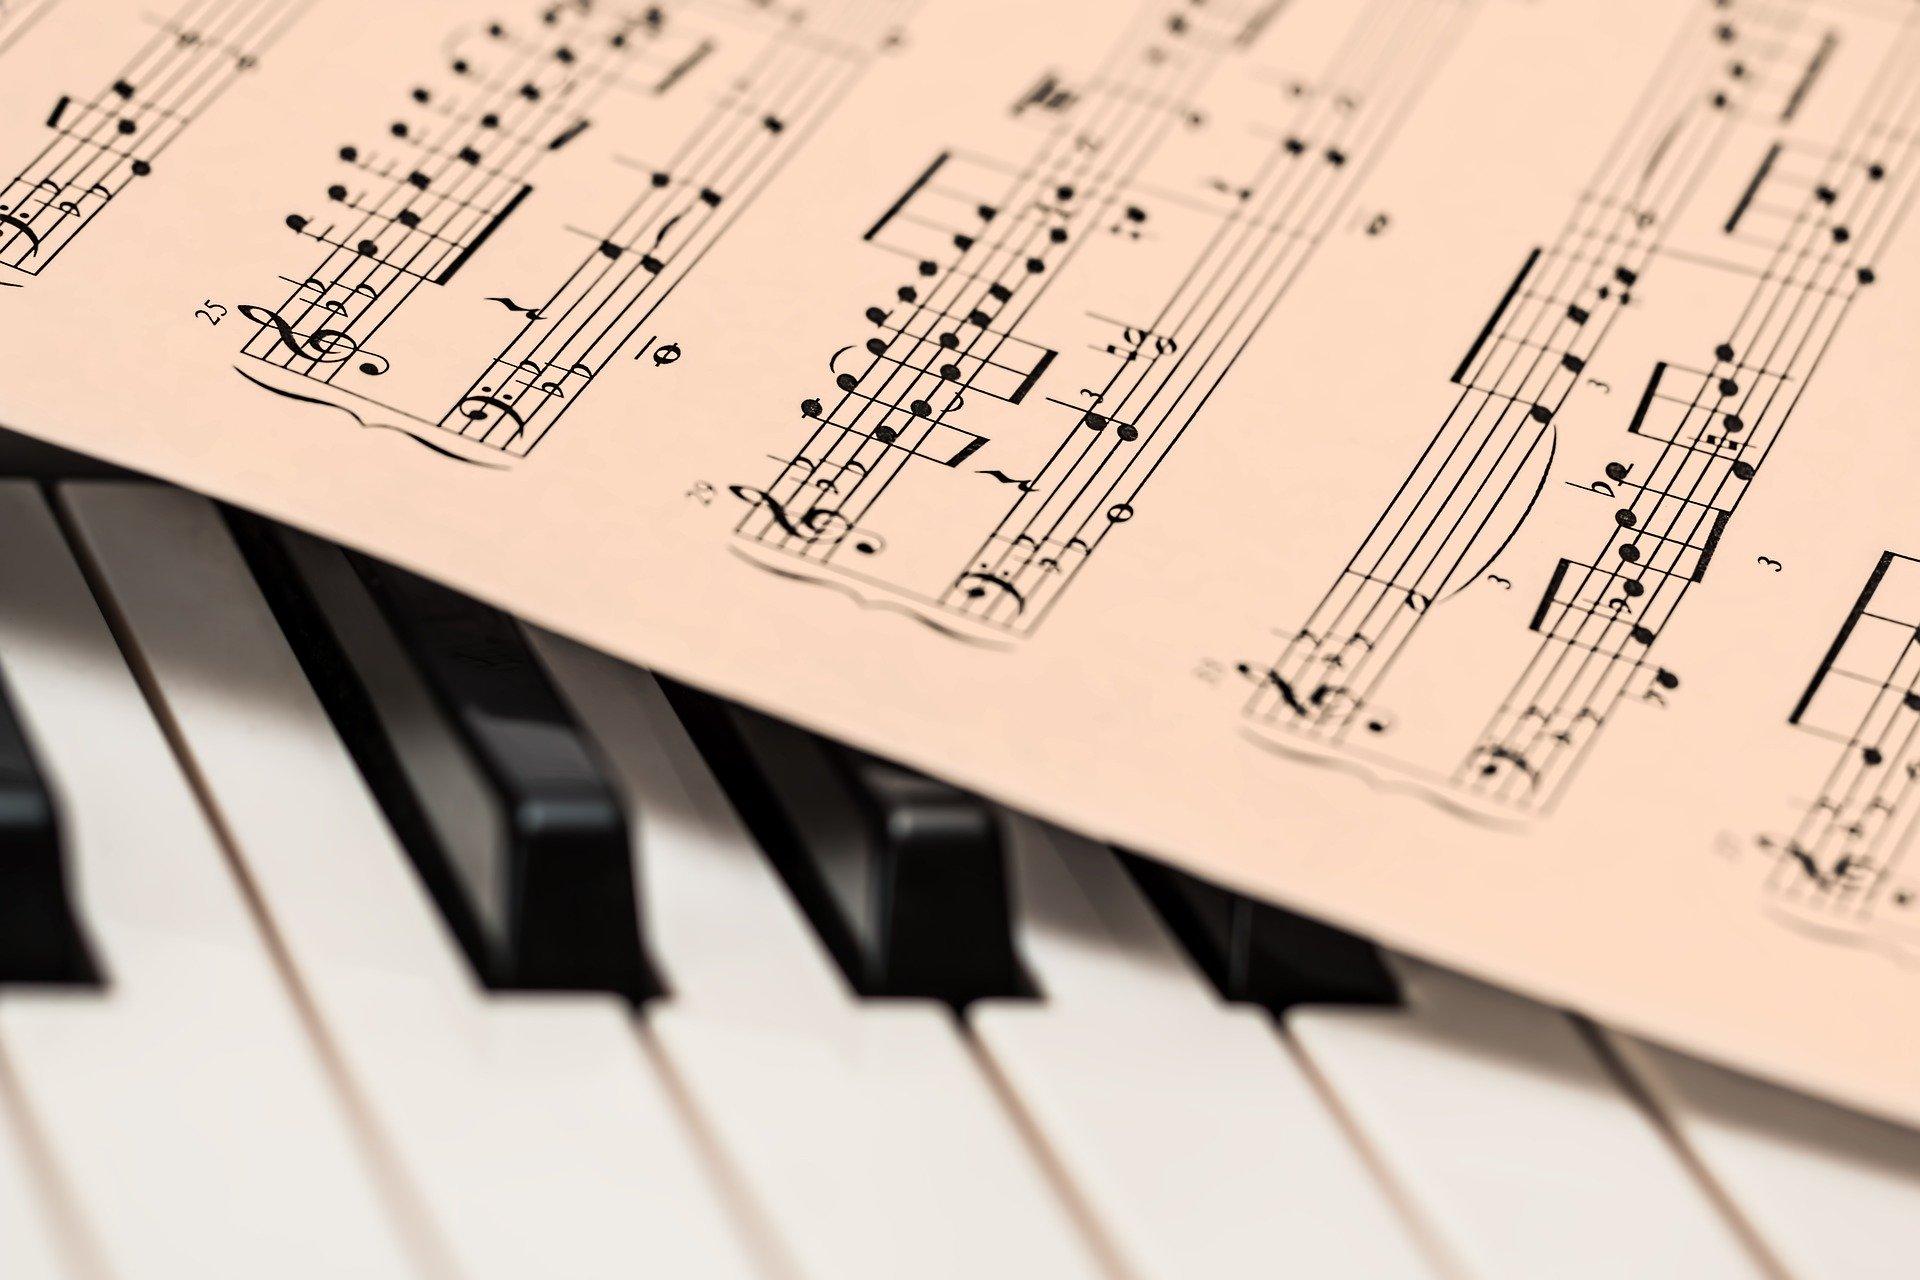 La Comunità Pianistica Federiciana non interrompe la sua Stagione di concerti.  Infatti, i nostri pianisti di esibiranno in mini-concerti della durata di 20 minuti direttamente dalle loro abitazioni che saranno [...]